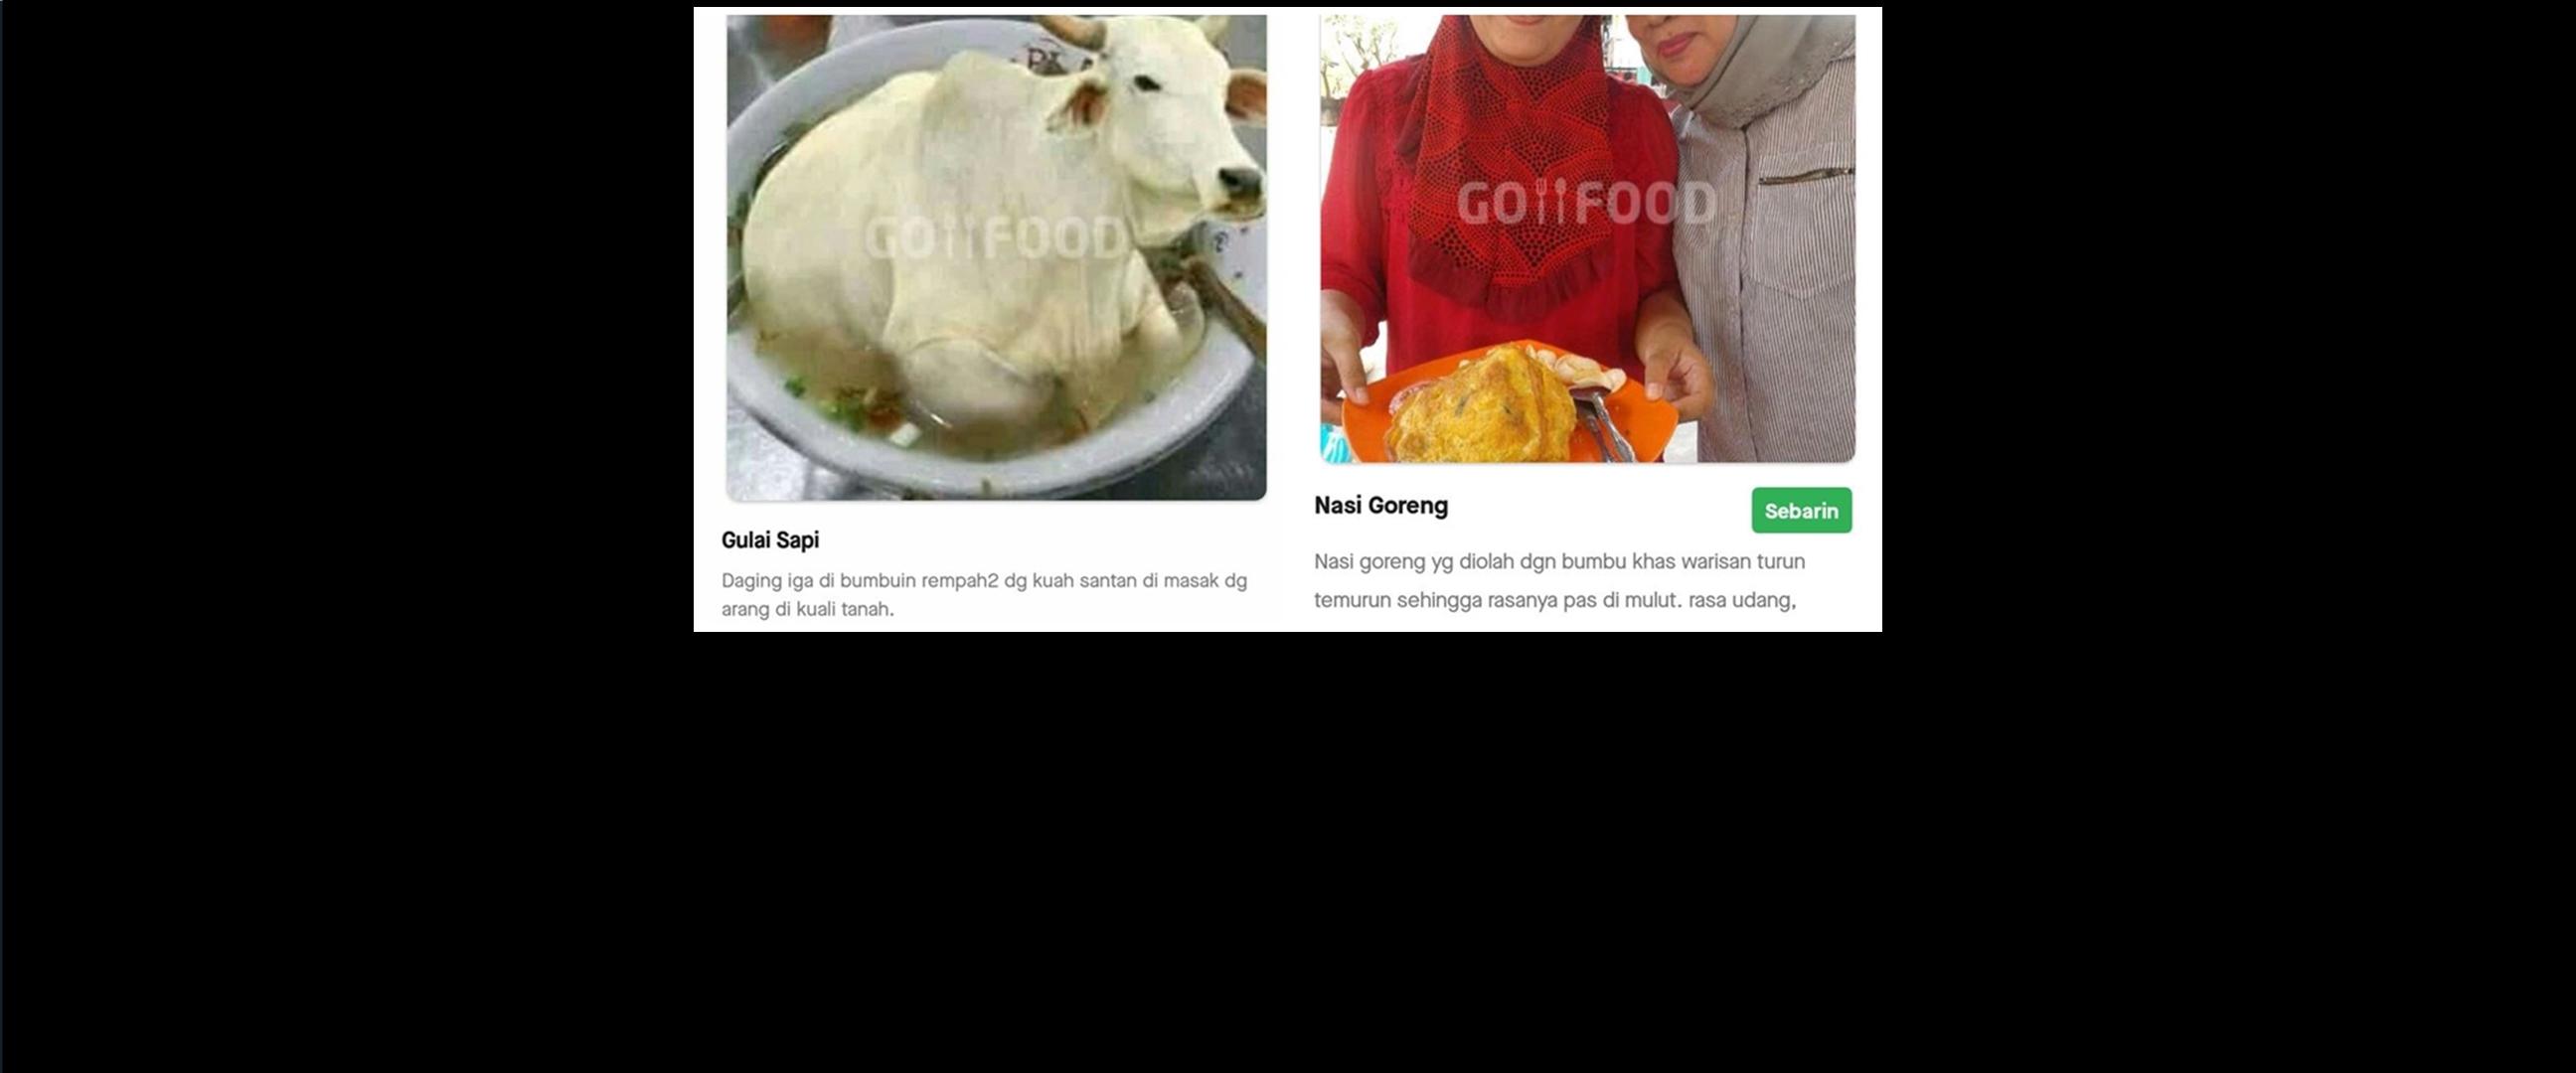 7 Foto menu makanan di aplikasi ojek online ini nyeleneh